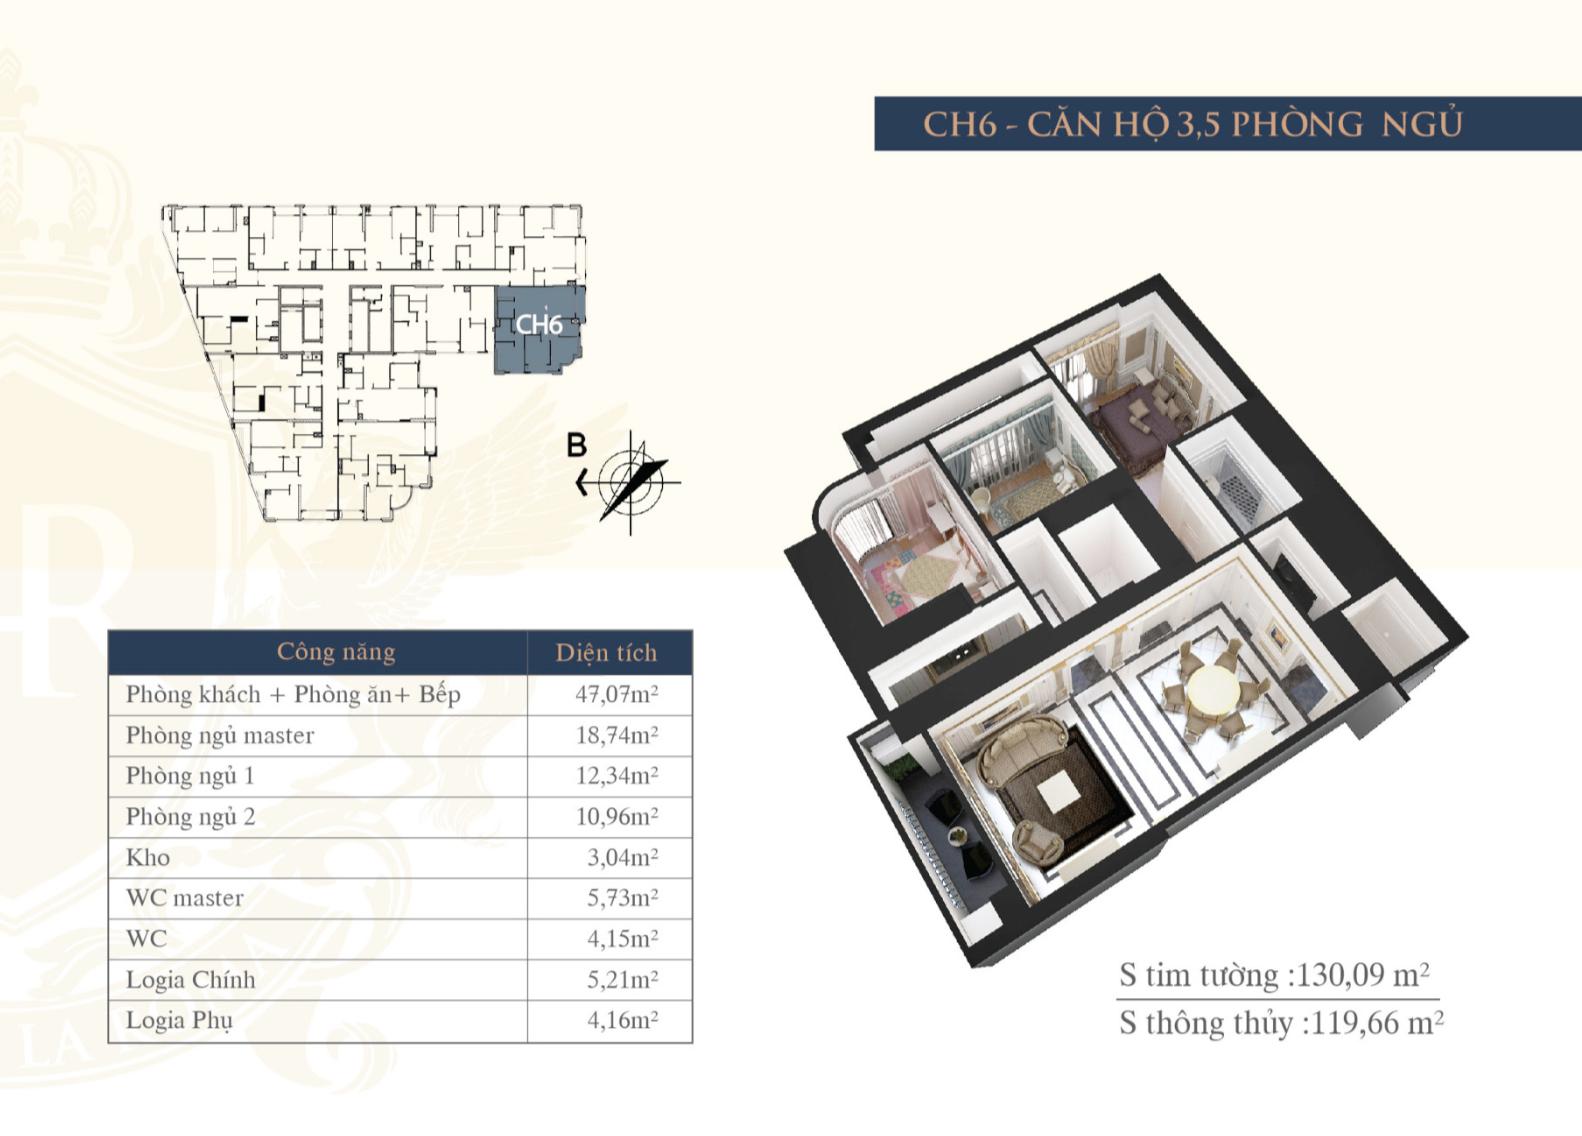 Chi tiết căn hộ Hateco La Roma - CH6